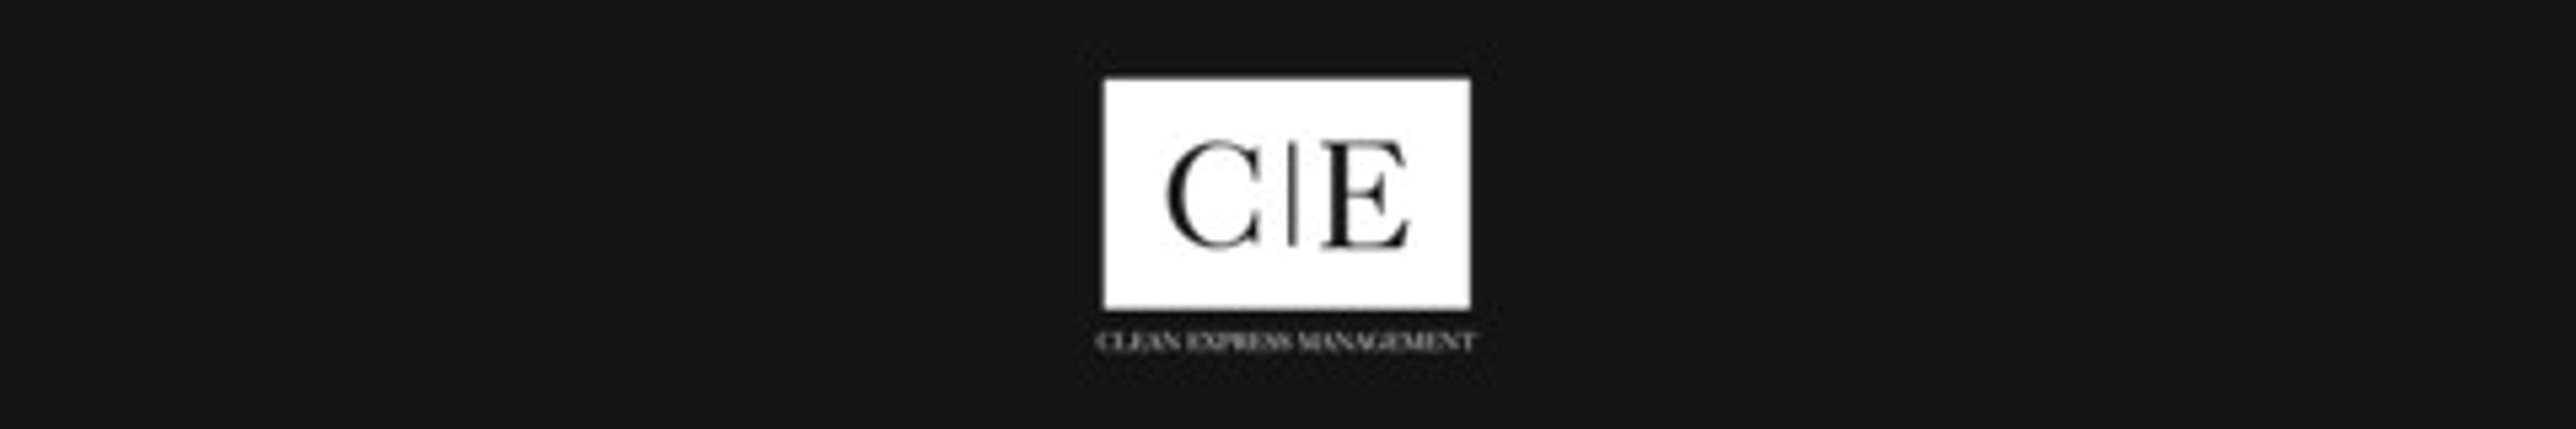 Bild zu Clean Express Management in Düsseldorf